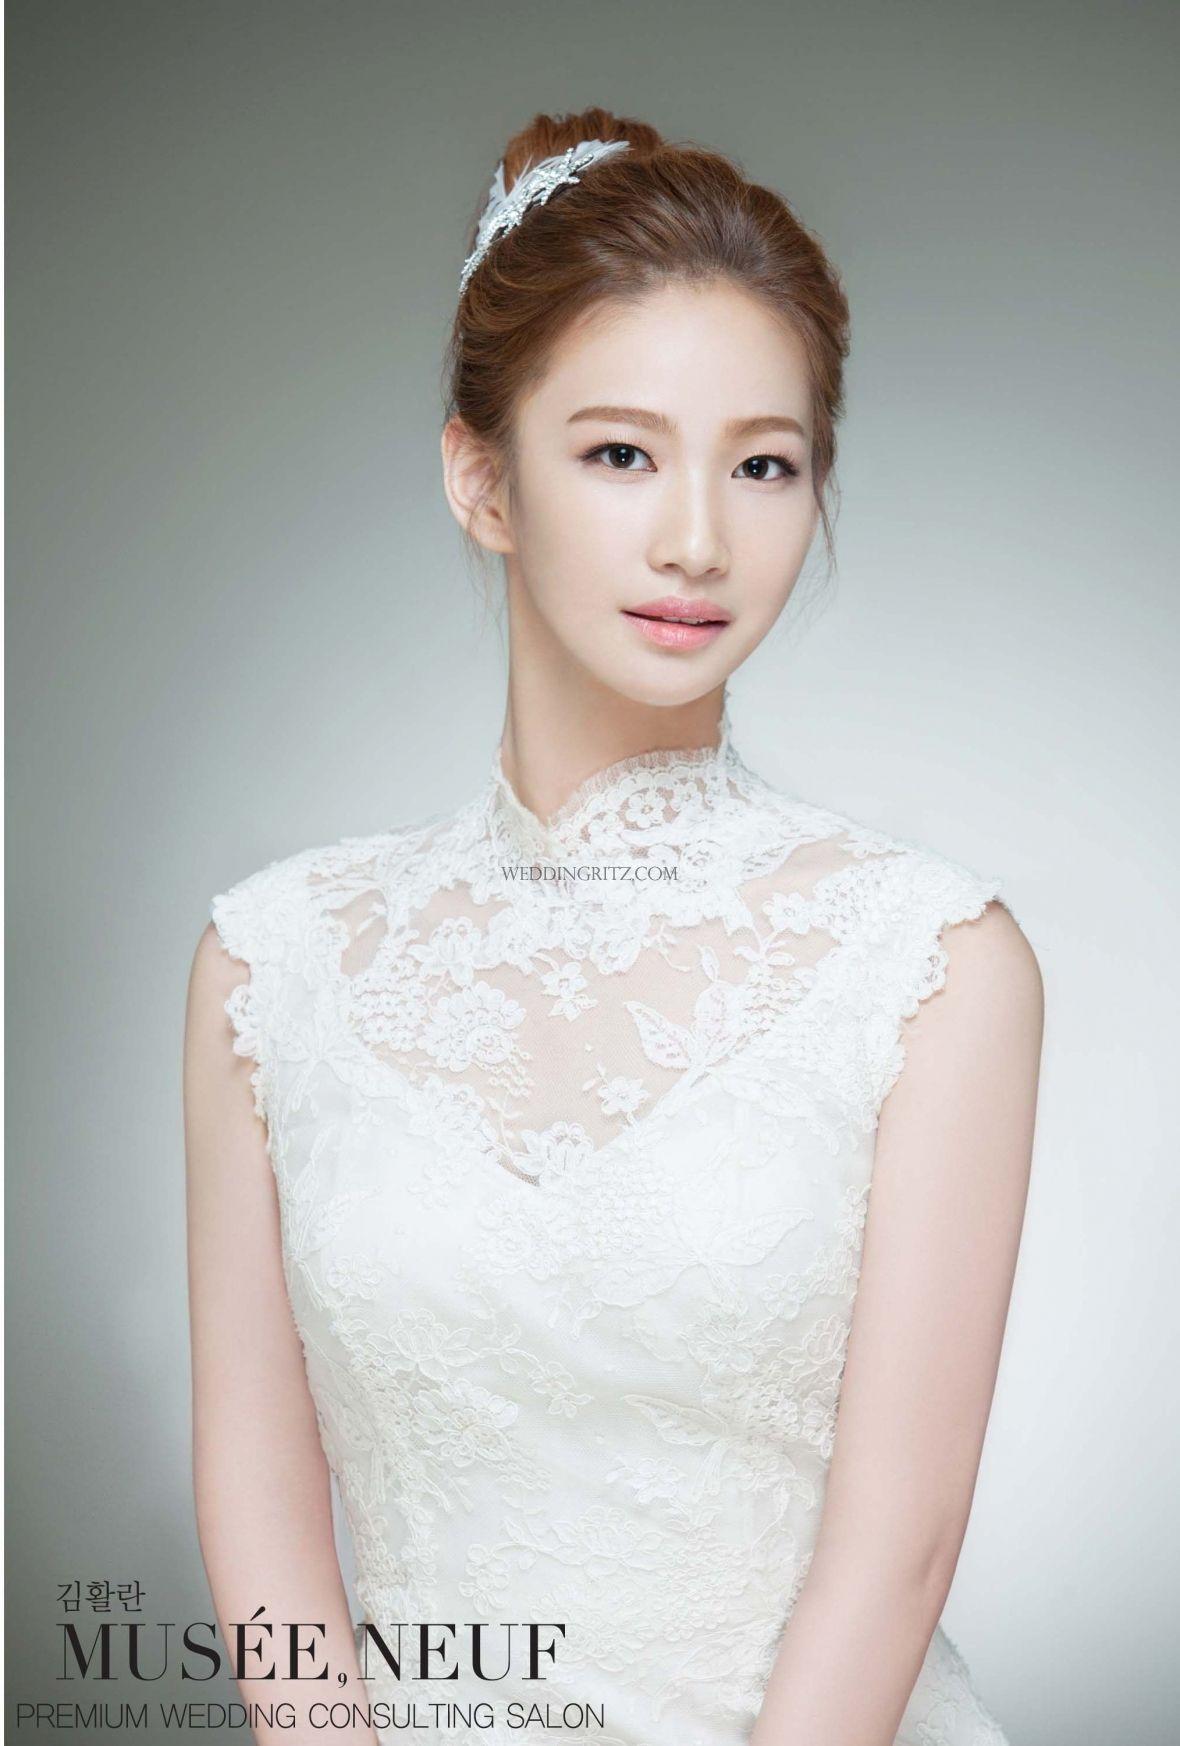 Musee Neuf in Korea Hair & Makeup Sample   Wedding hair style ...